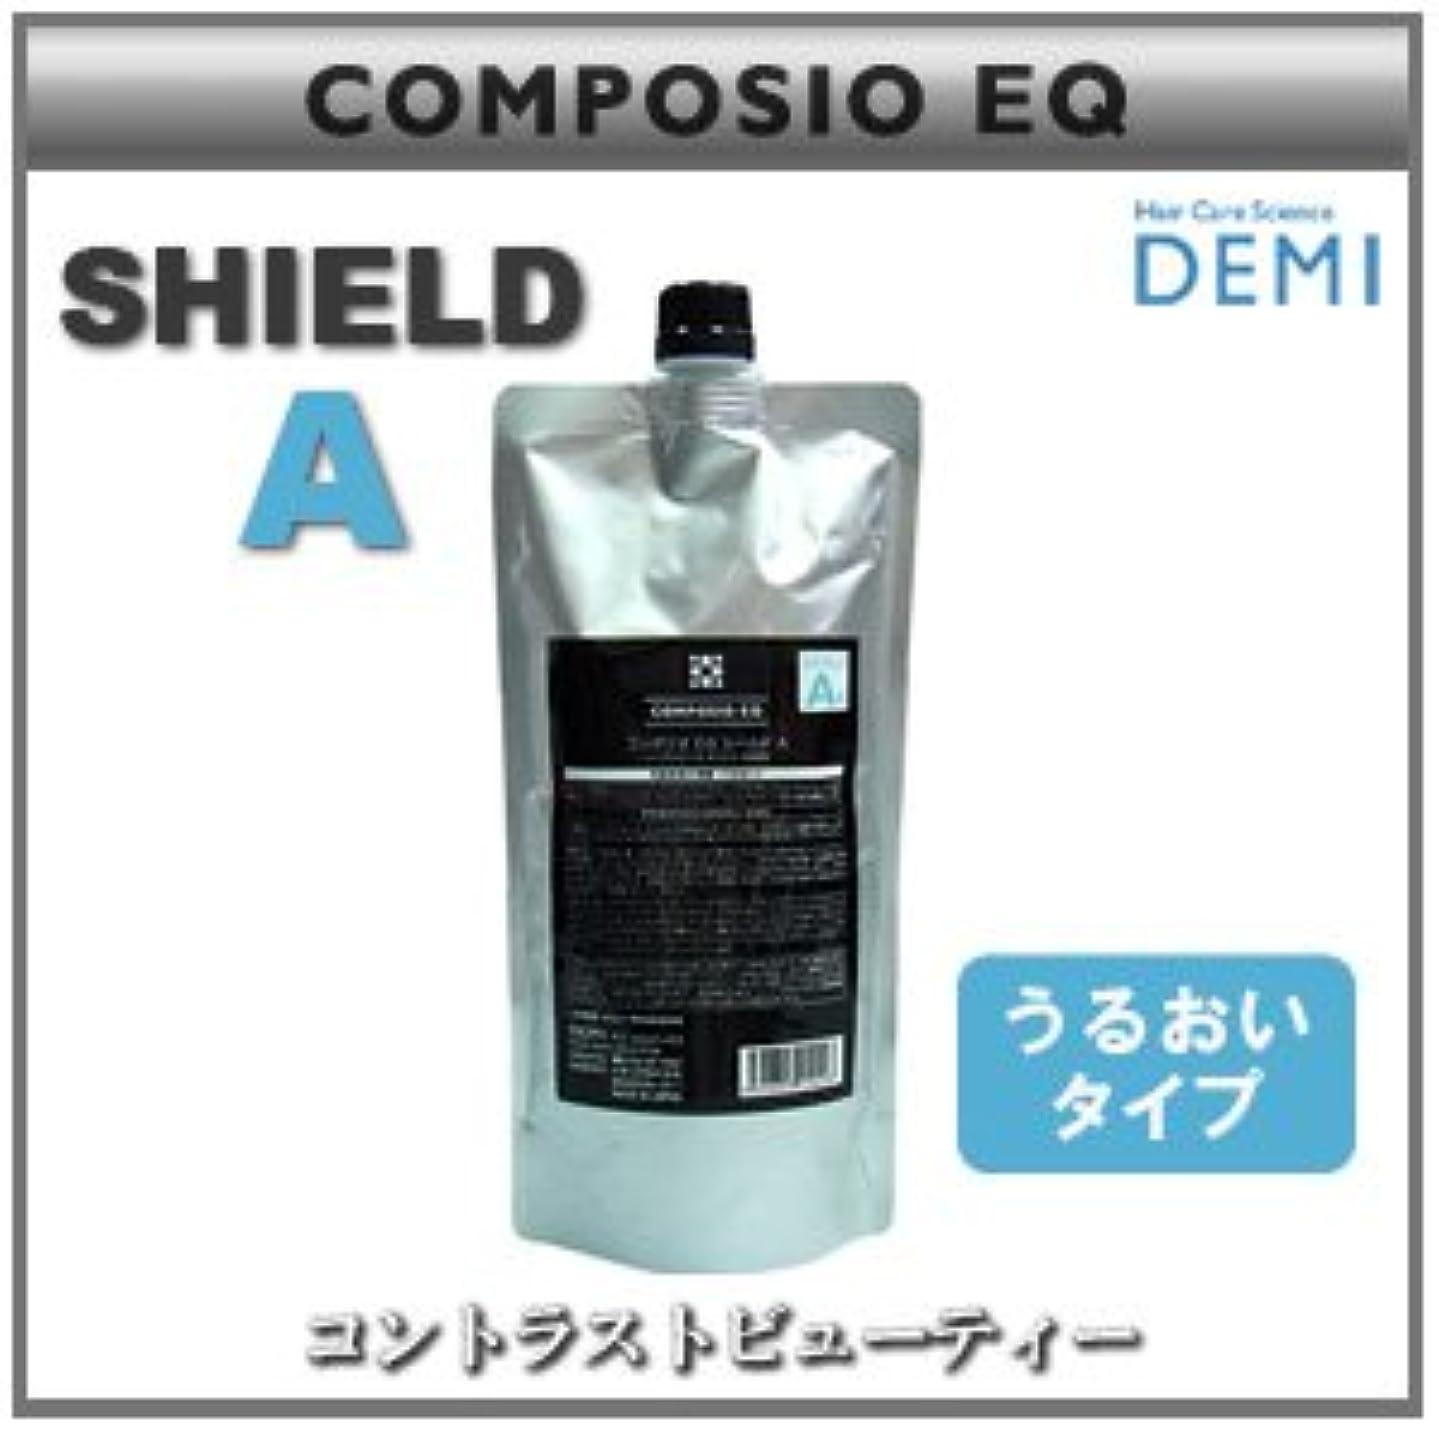 レジ頑丈乞食【x3個セット】 デミ コンポジオ EQ シールド A 450g